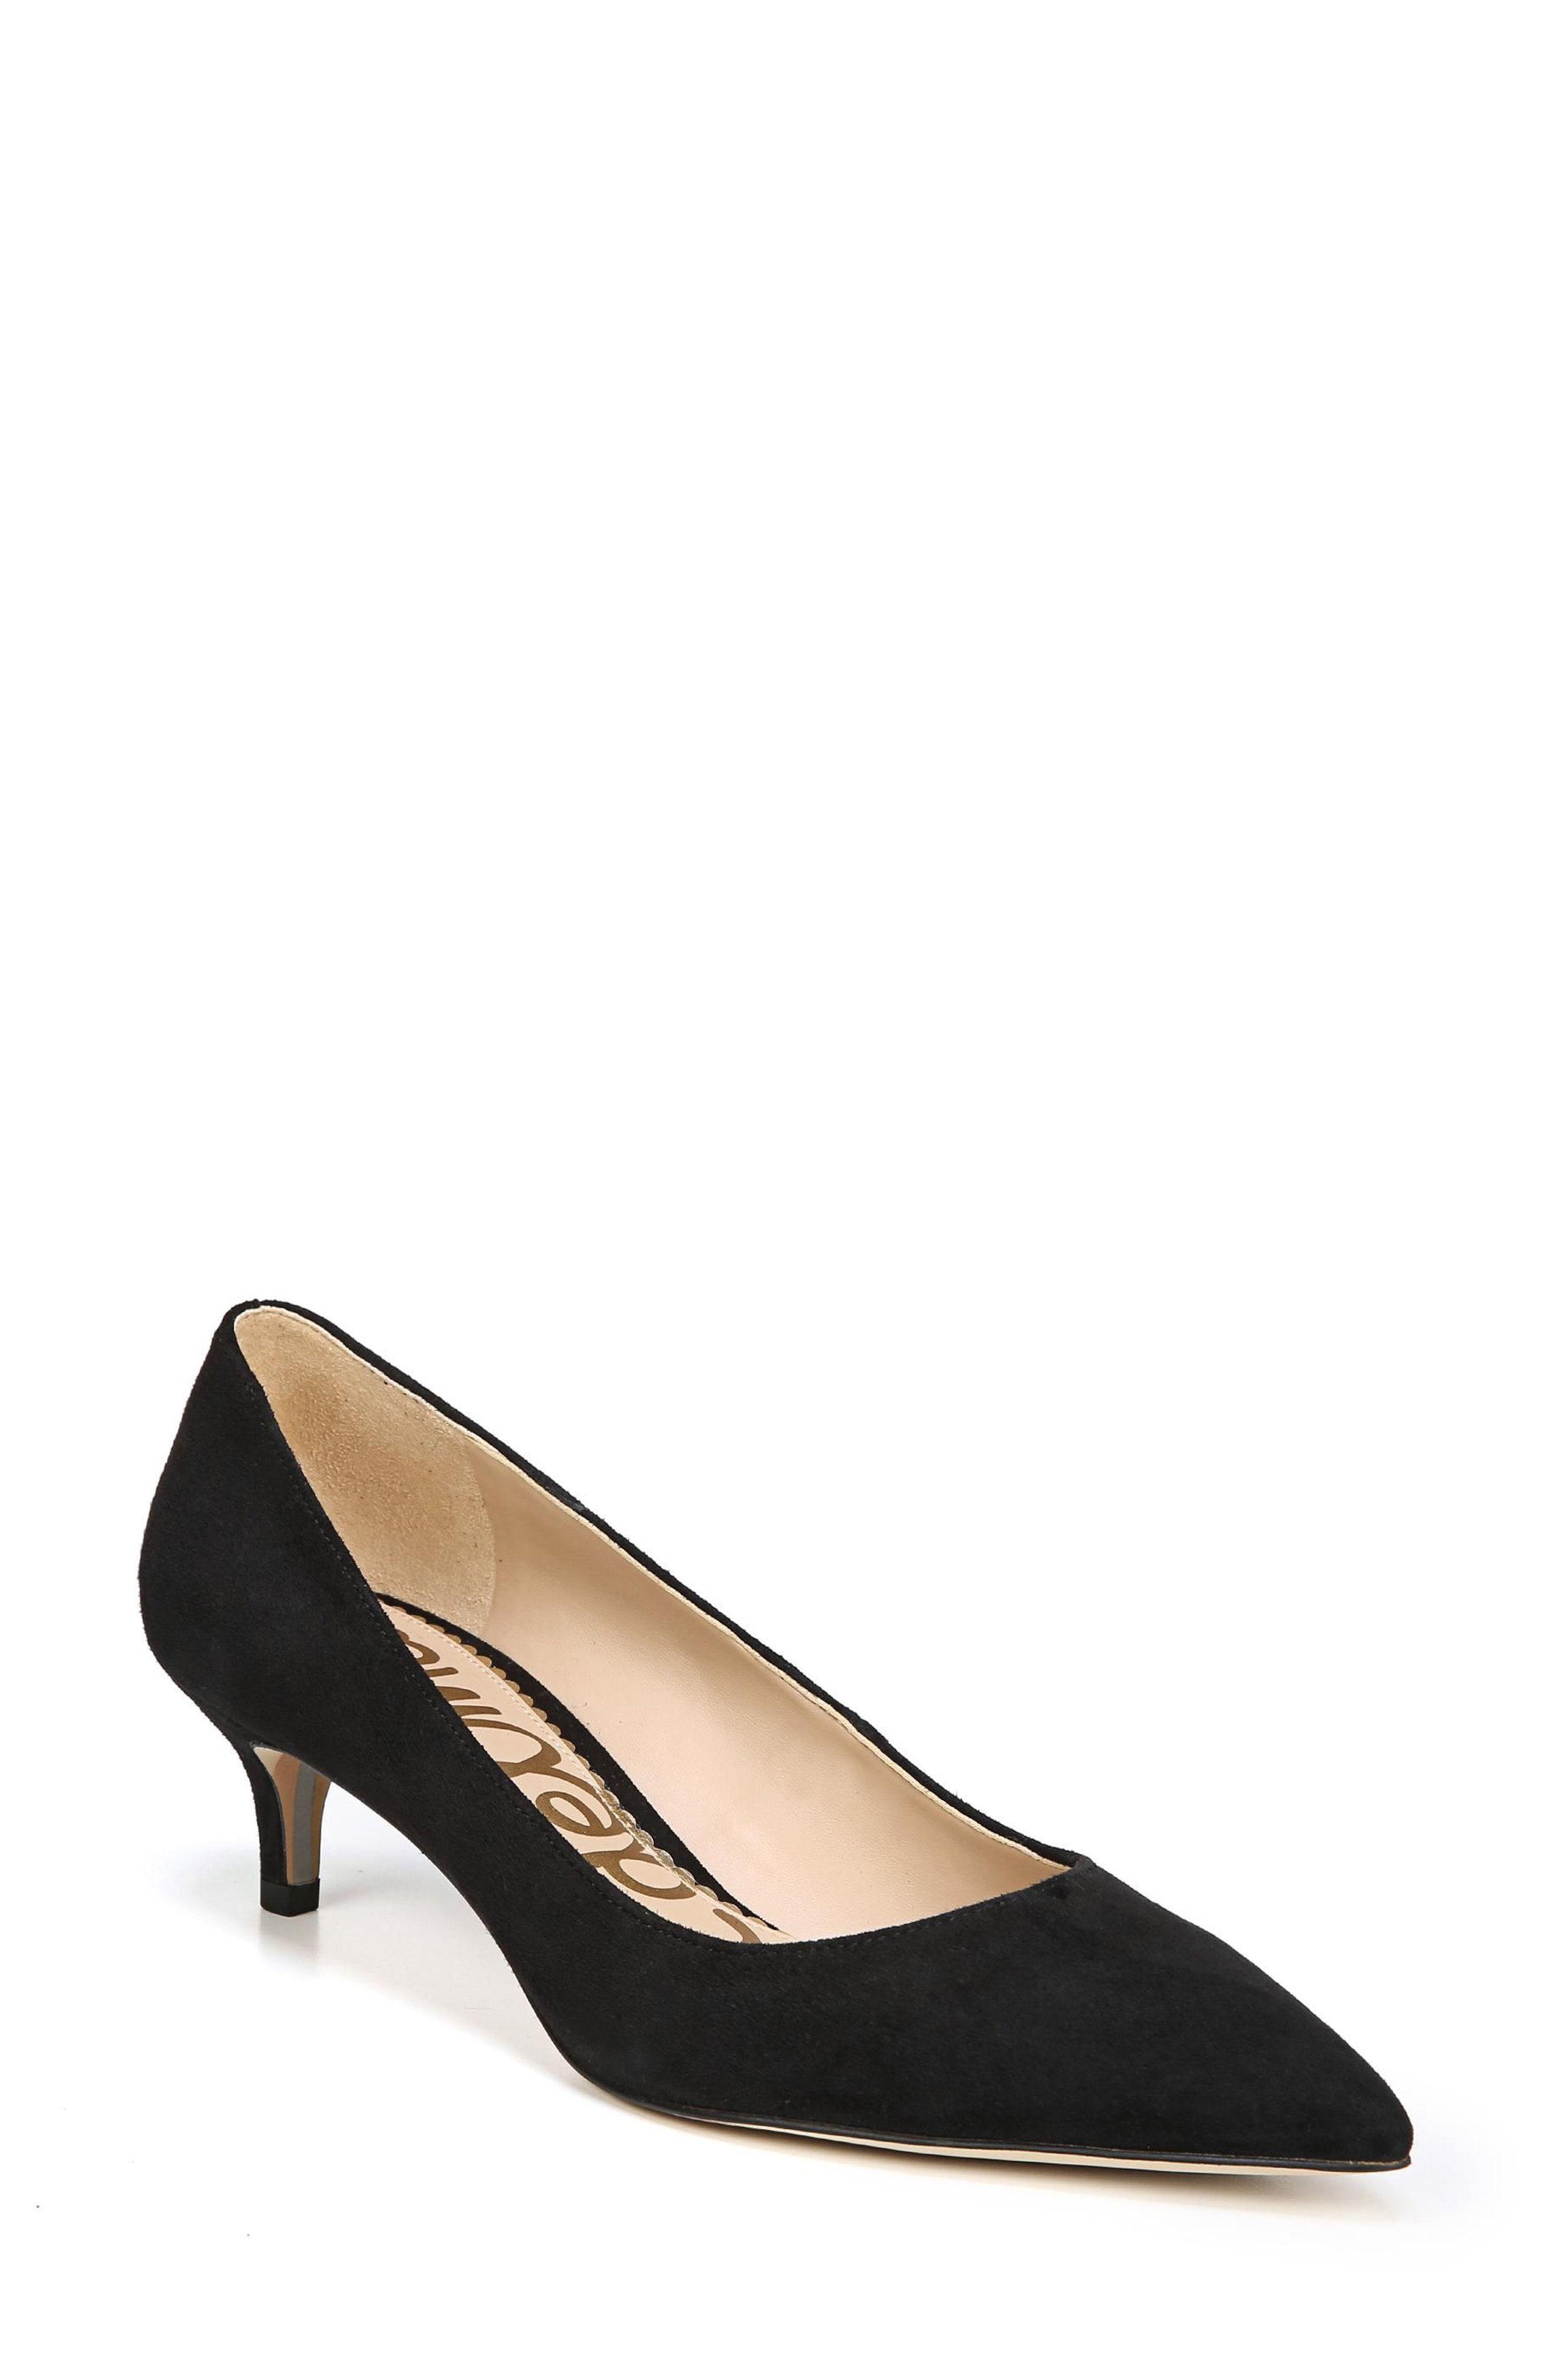 Trendy And Elegant Kitten Heel Shoes Kitten Heels Nordstrom Kitten Heel Shoes Women S Pumps Strap Sandals Women